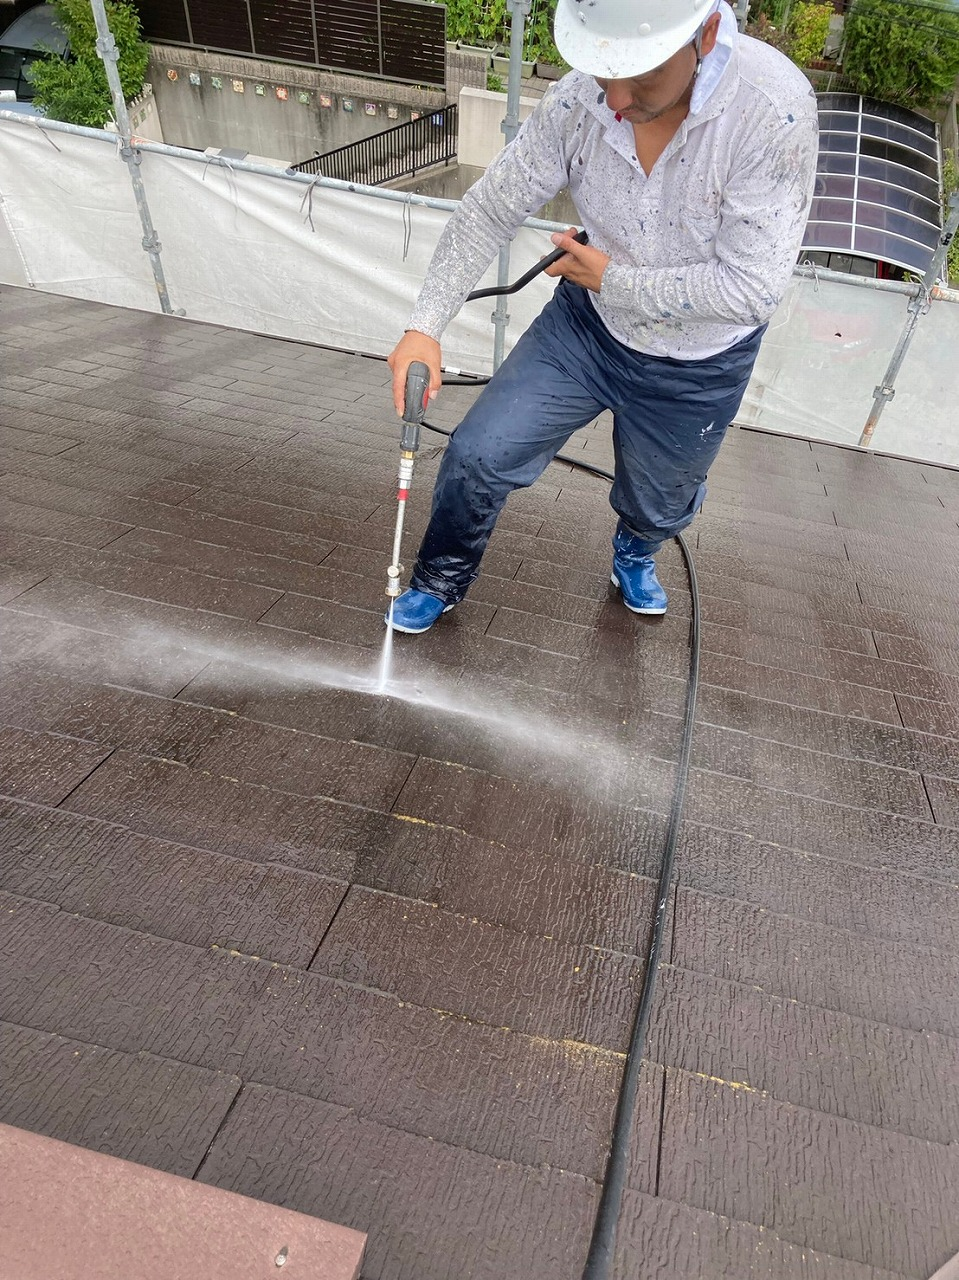 生駒市の屋根塗装現場で屋根の洗浄作業